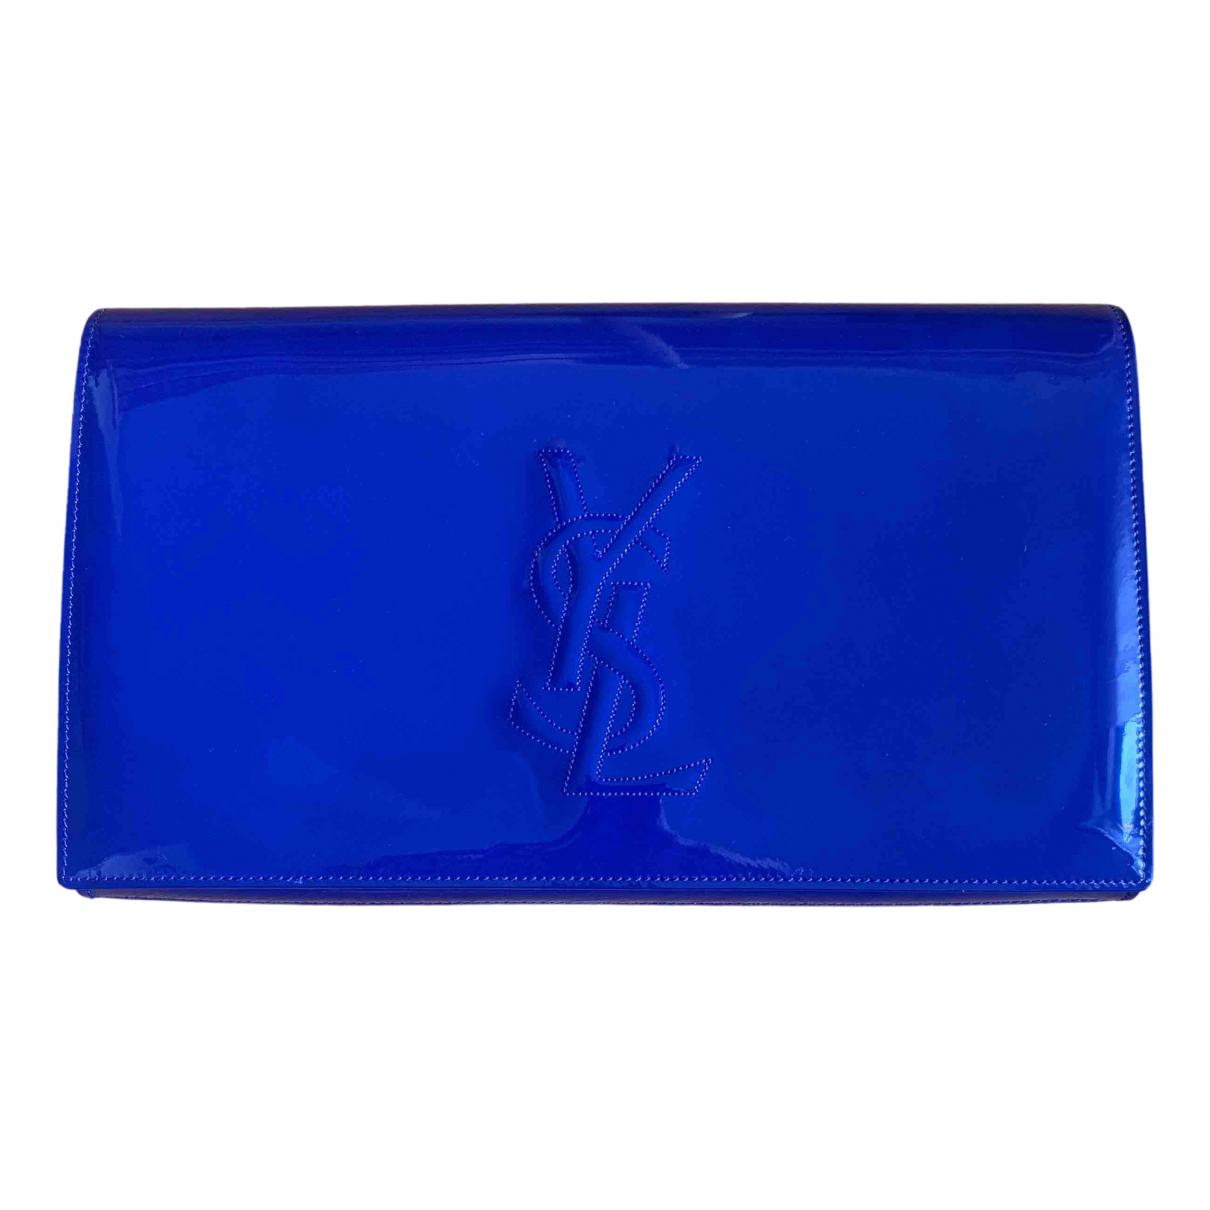 Yves Saint Laurent Belle de Jour Blue Patent leather Clutch bag for Women N